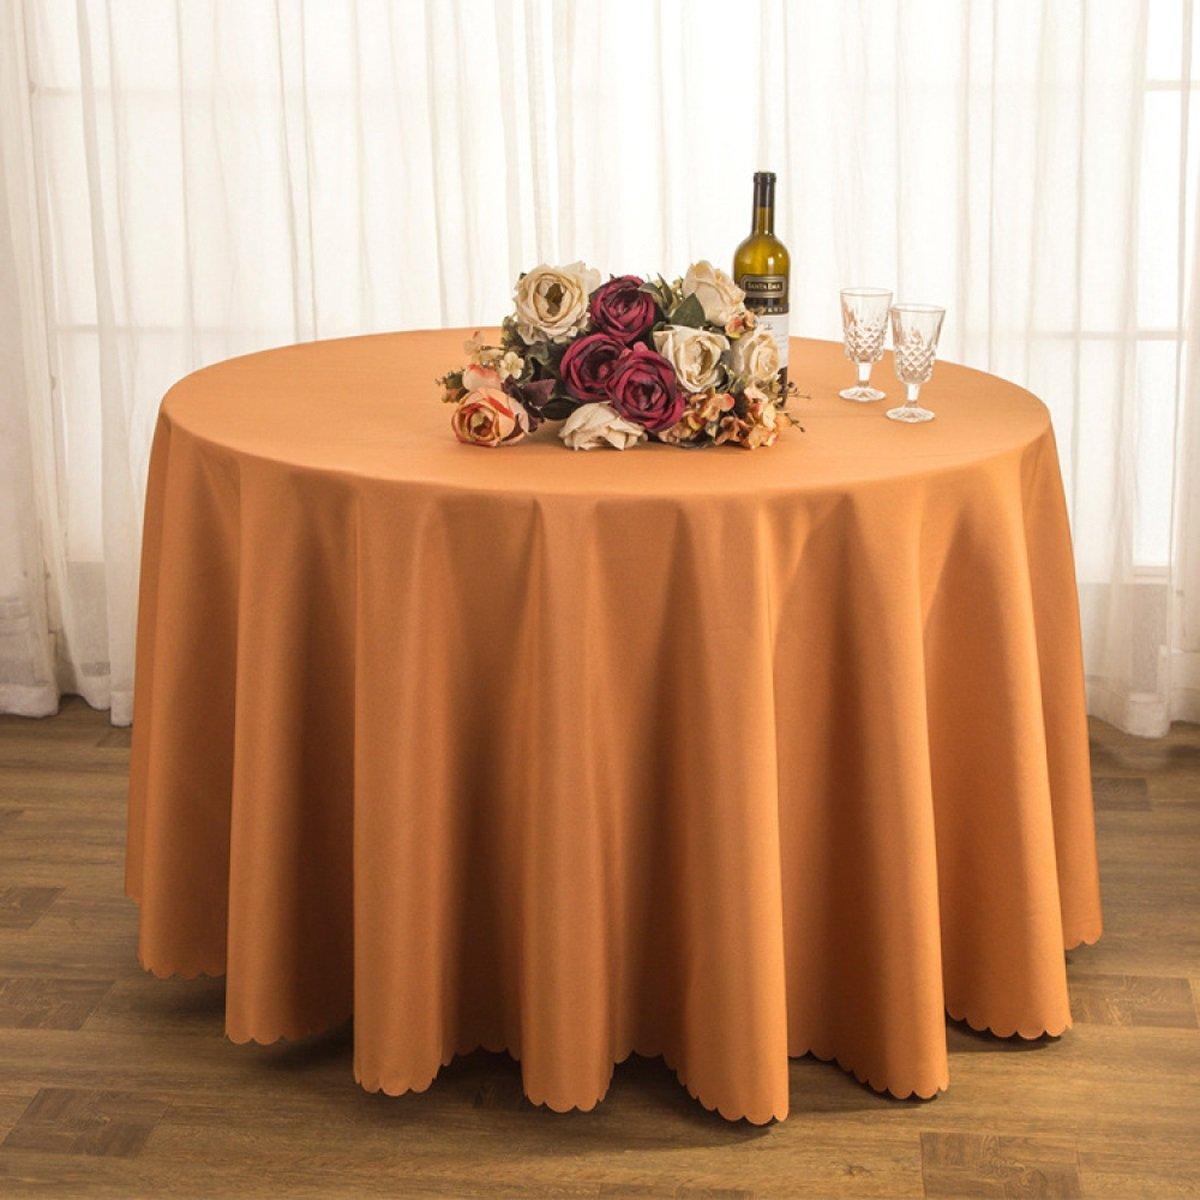 DONG Tischtuch Tischdecke Stoff Tee Tischdecke Hotel Restaurant Polyester Tischdecke Konferenztisch Rock Hochzeit Jacquard Runde Tischdecke Öl-Besteändig Leicht zu reinigen (Farbe   I, größe   160cm) B07CSR33WB Tischdecken Ausgezeichn